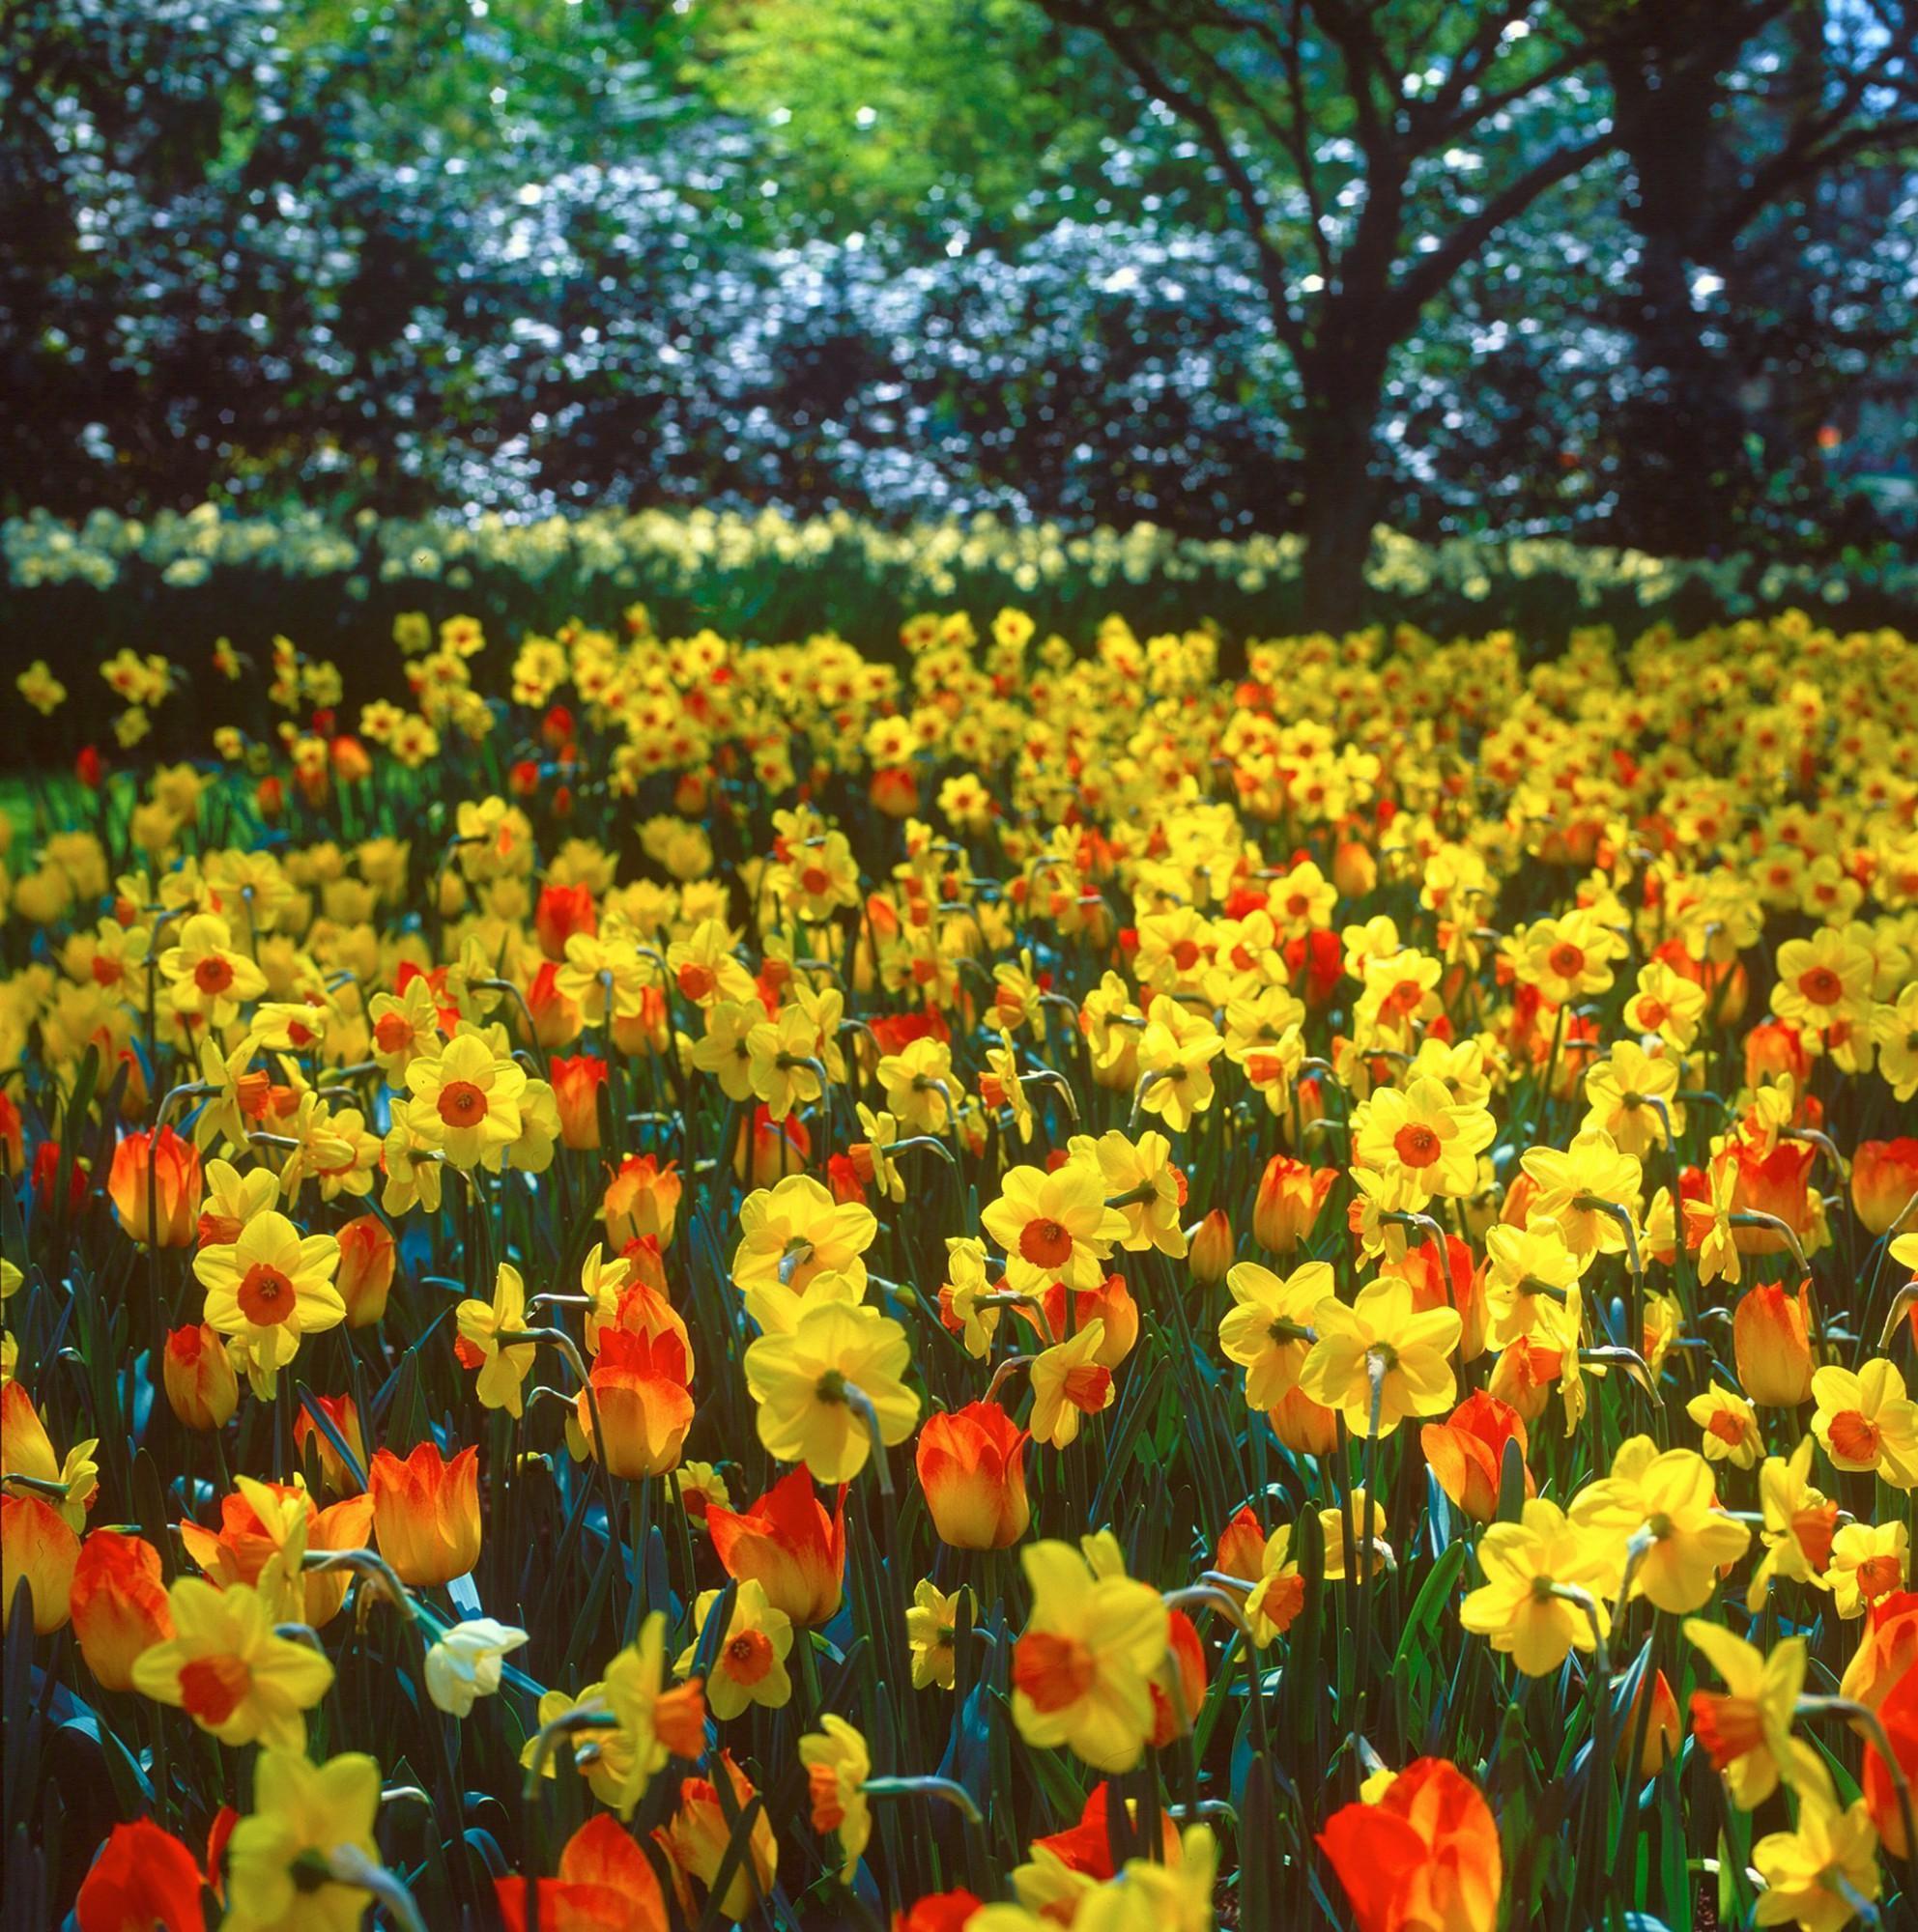 Afbeelding: Fotografie bloemen en tuinen, narcissen.